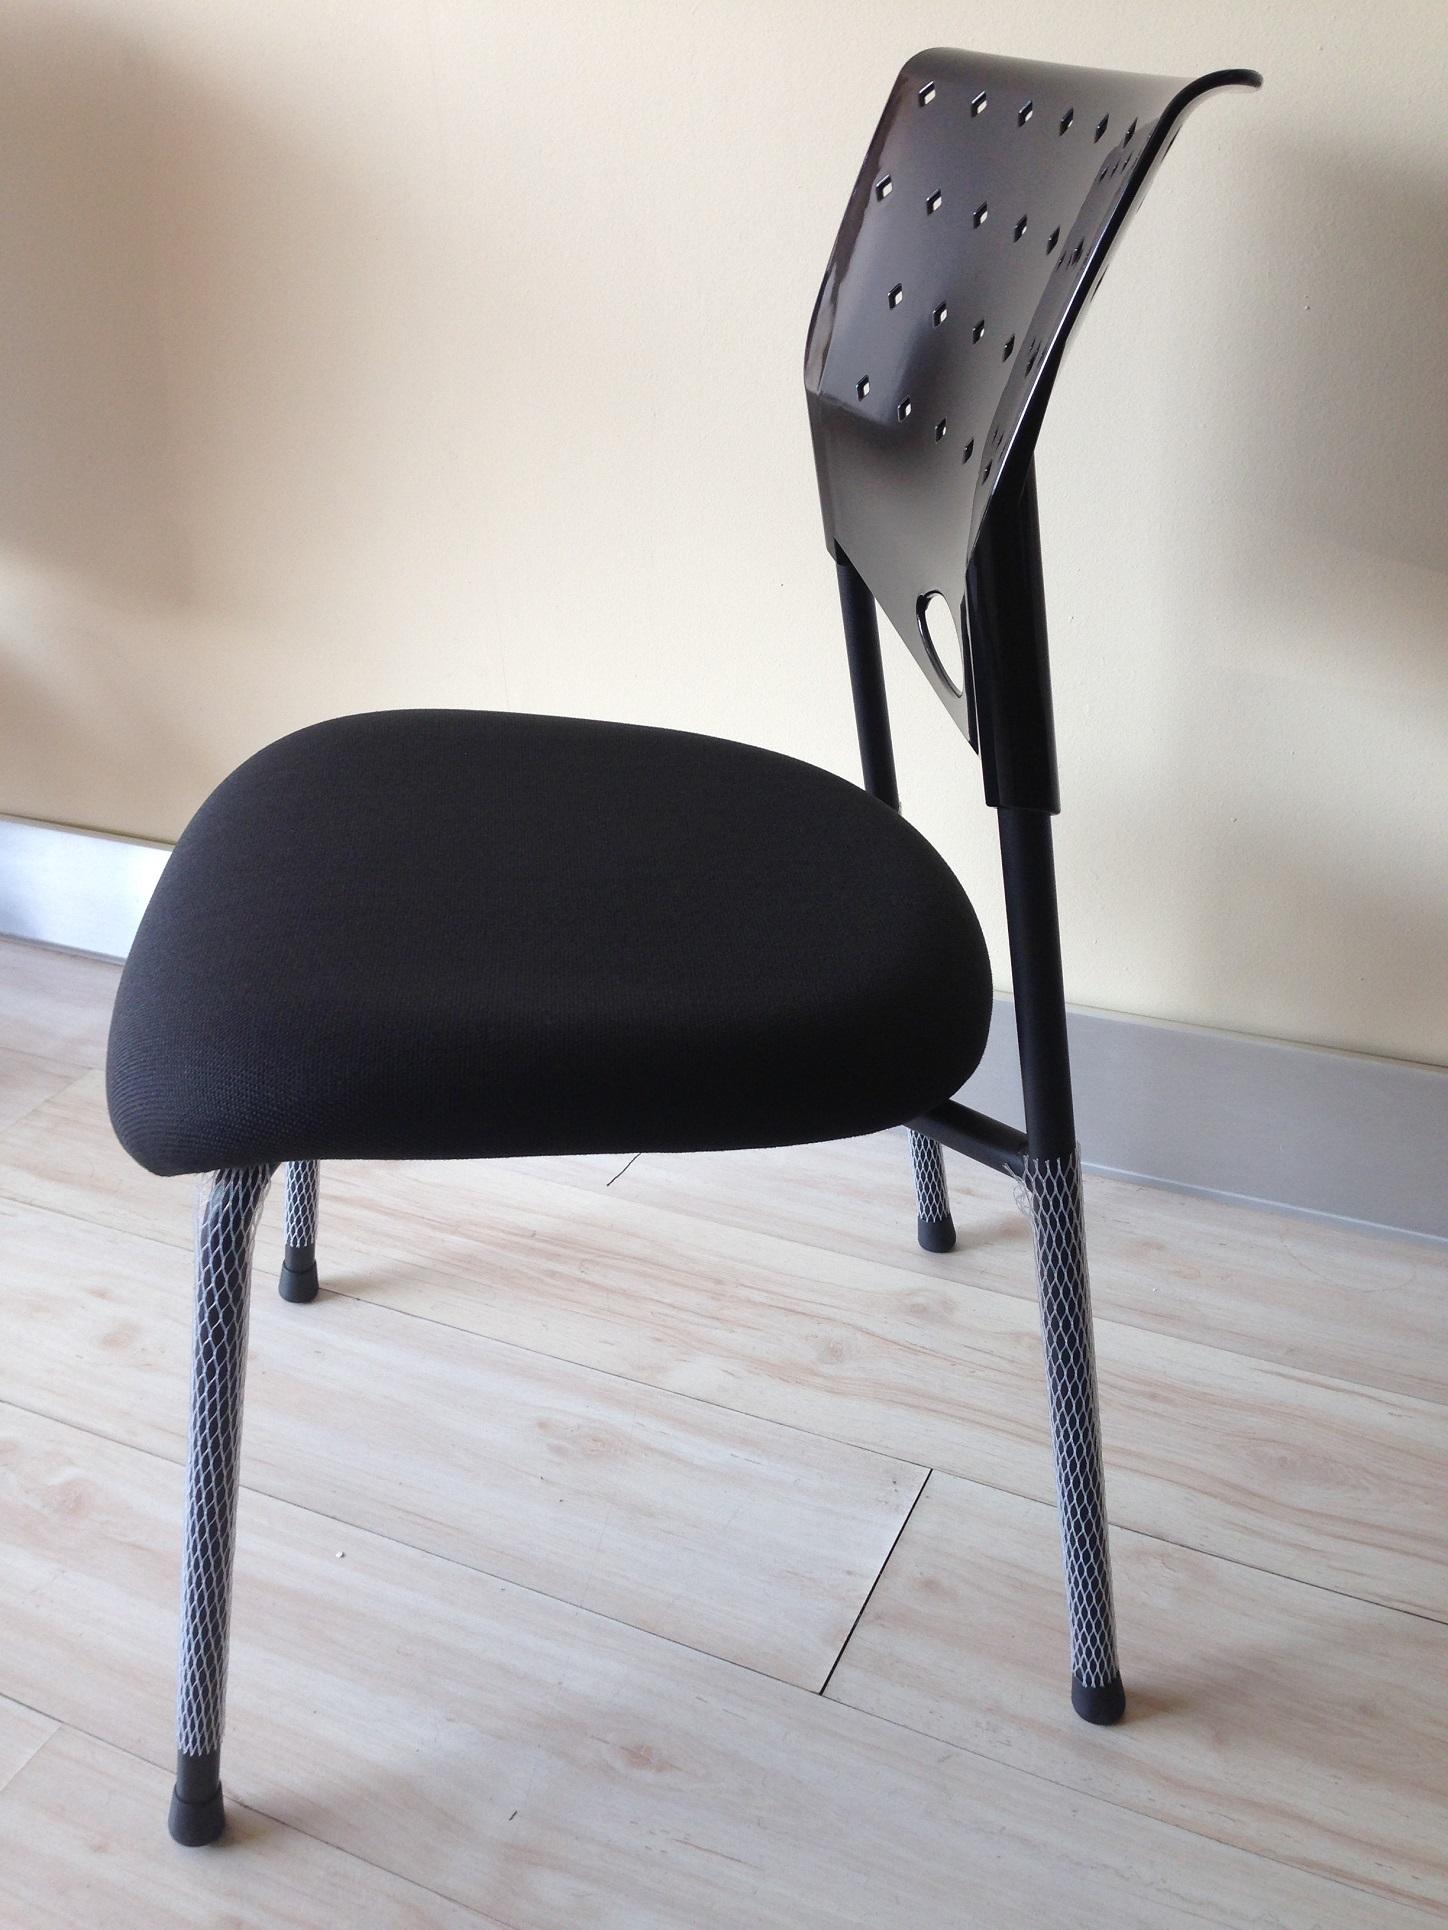 offerta speciale due poltrone visitatori sedie a prezzi